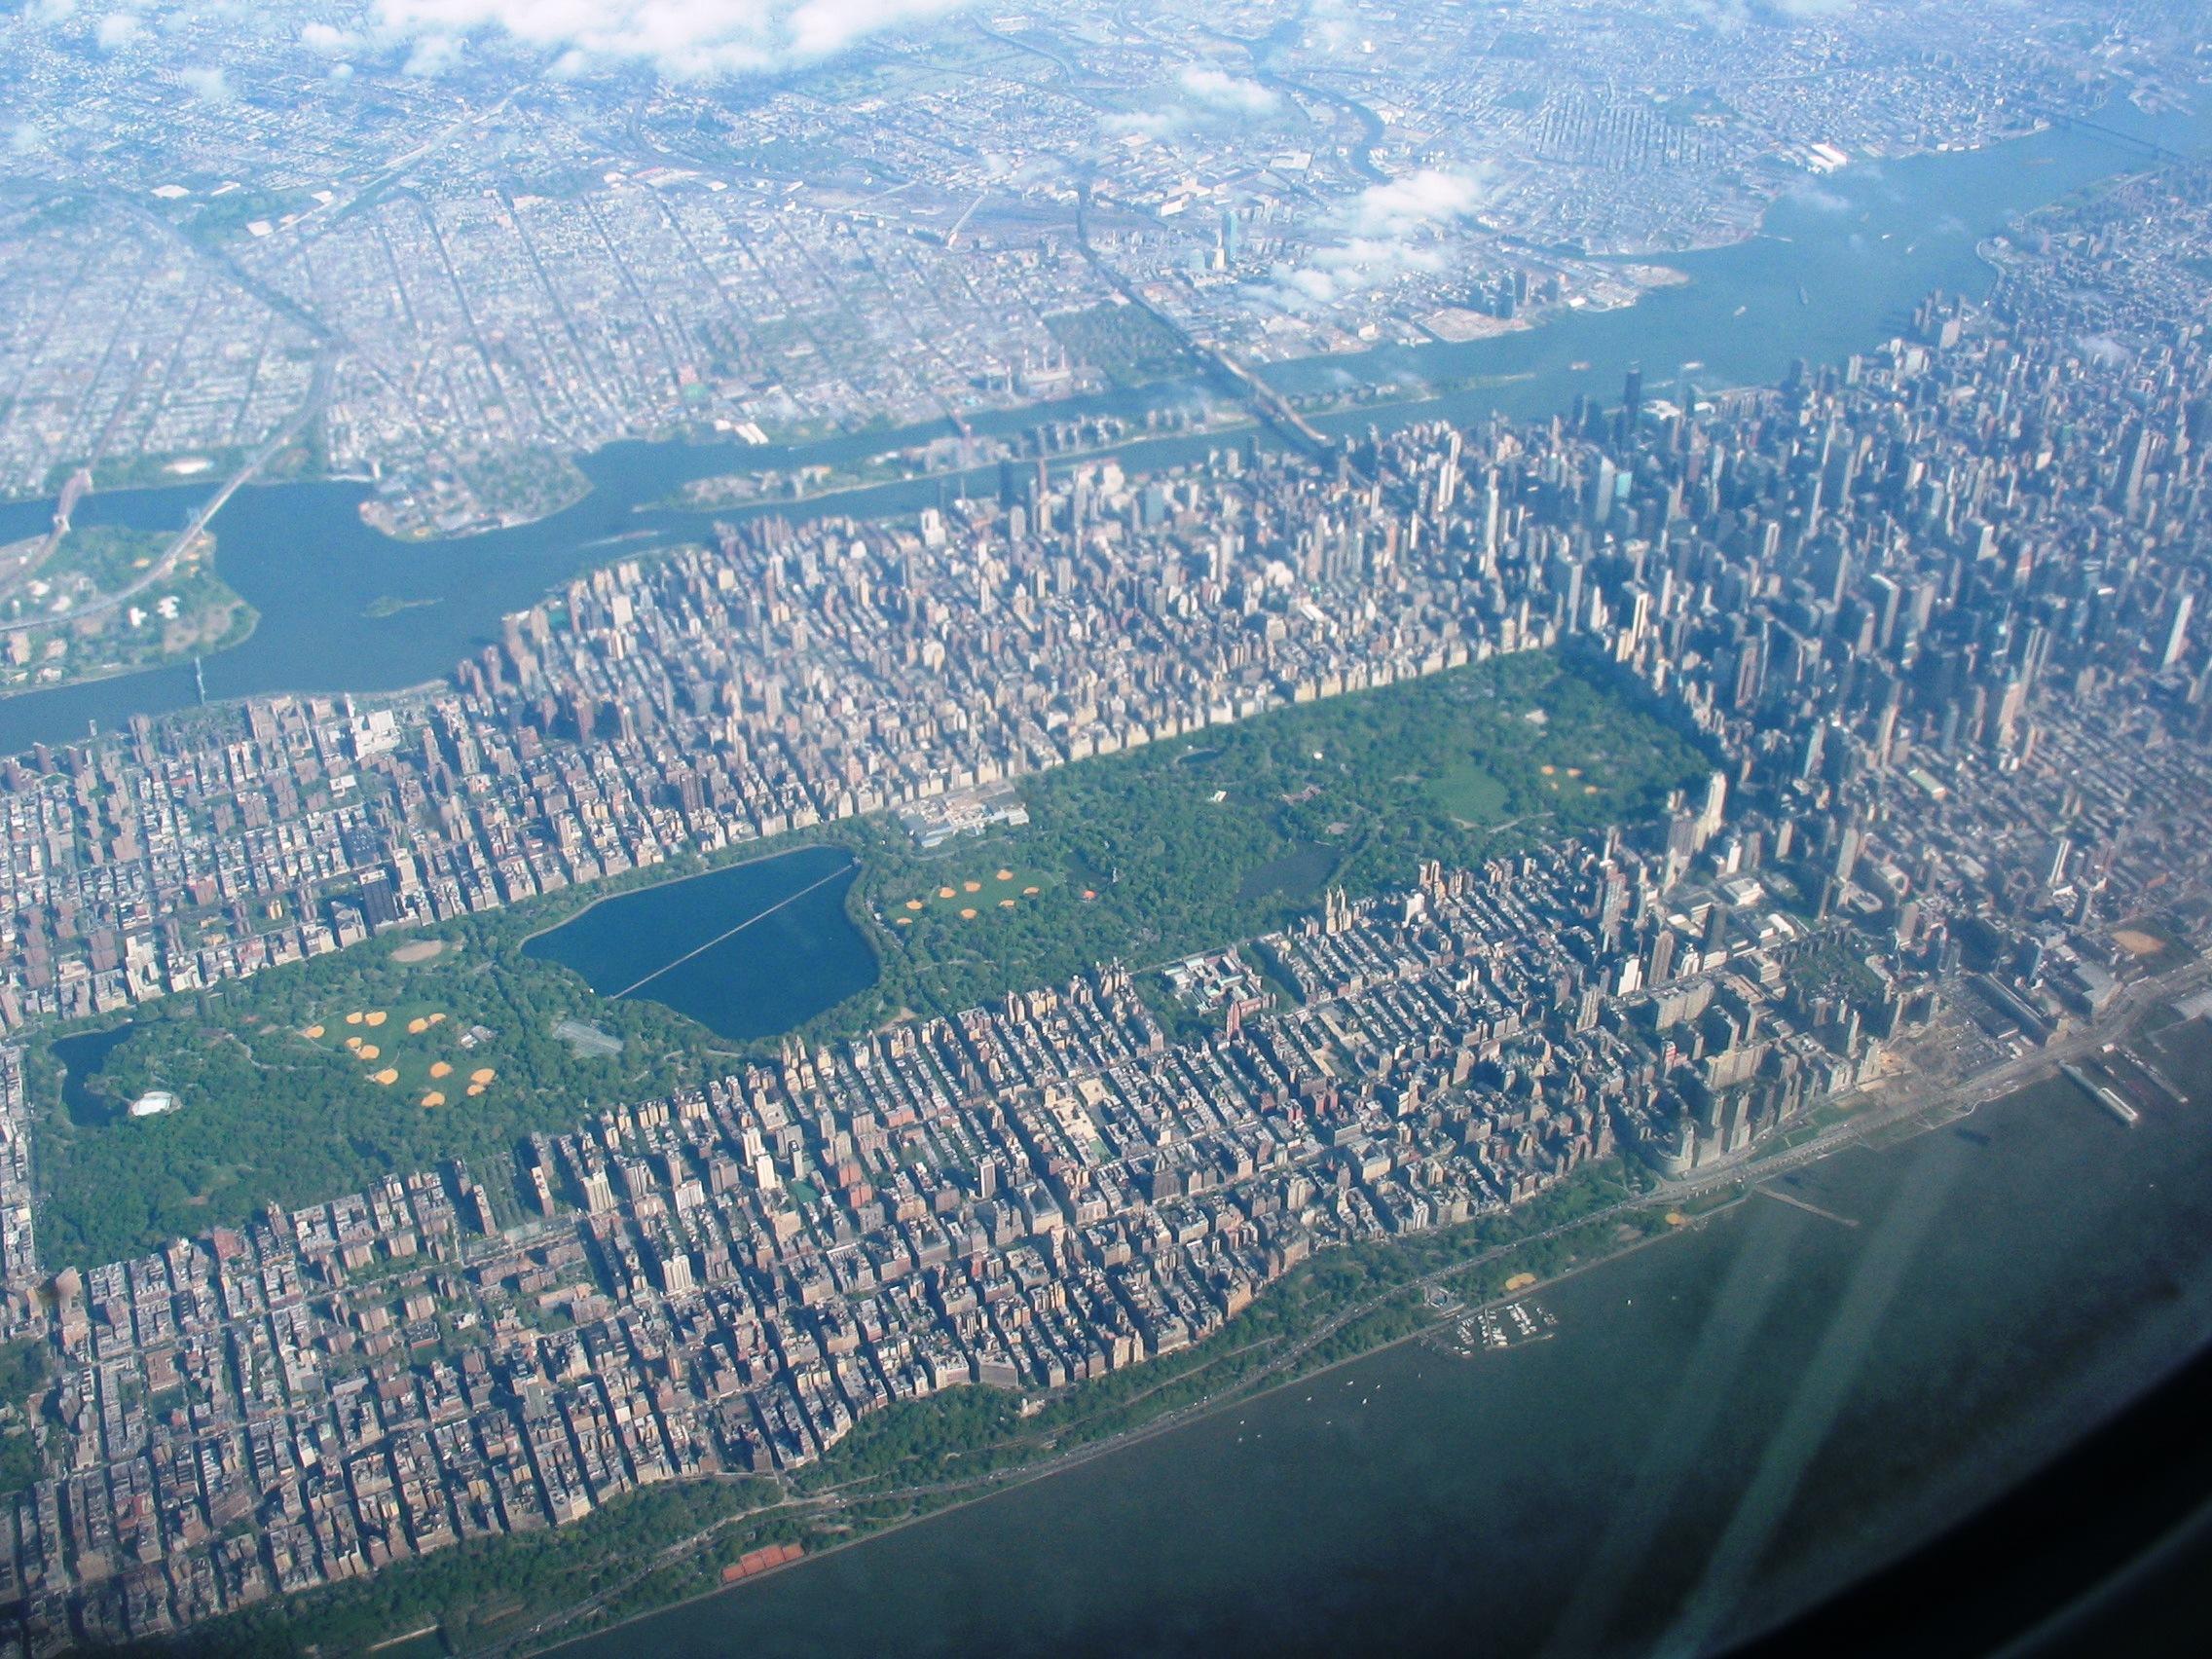 صور حديقة سنترال بارك نيويورك